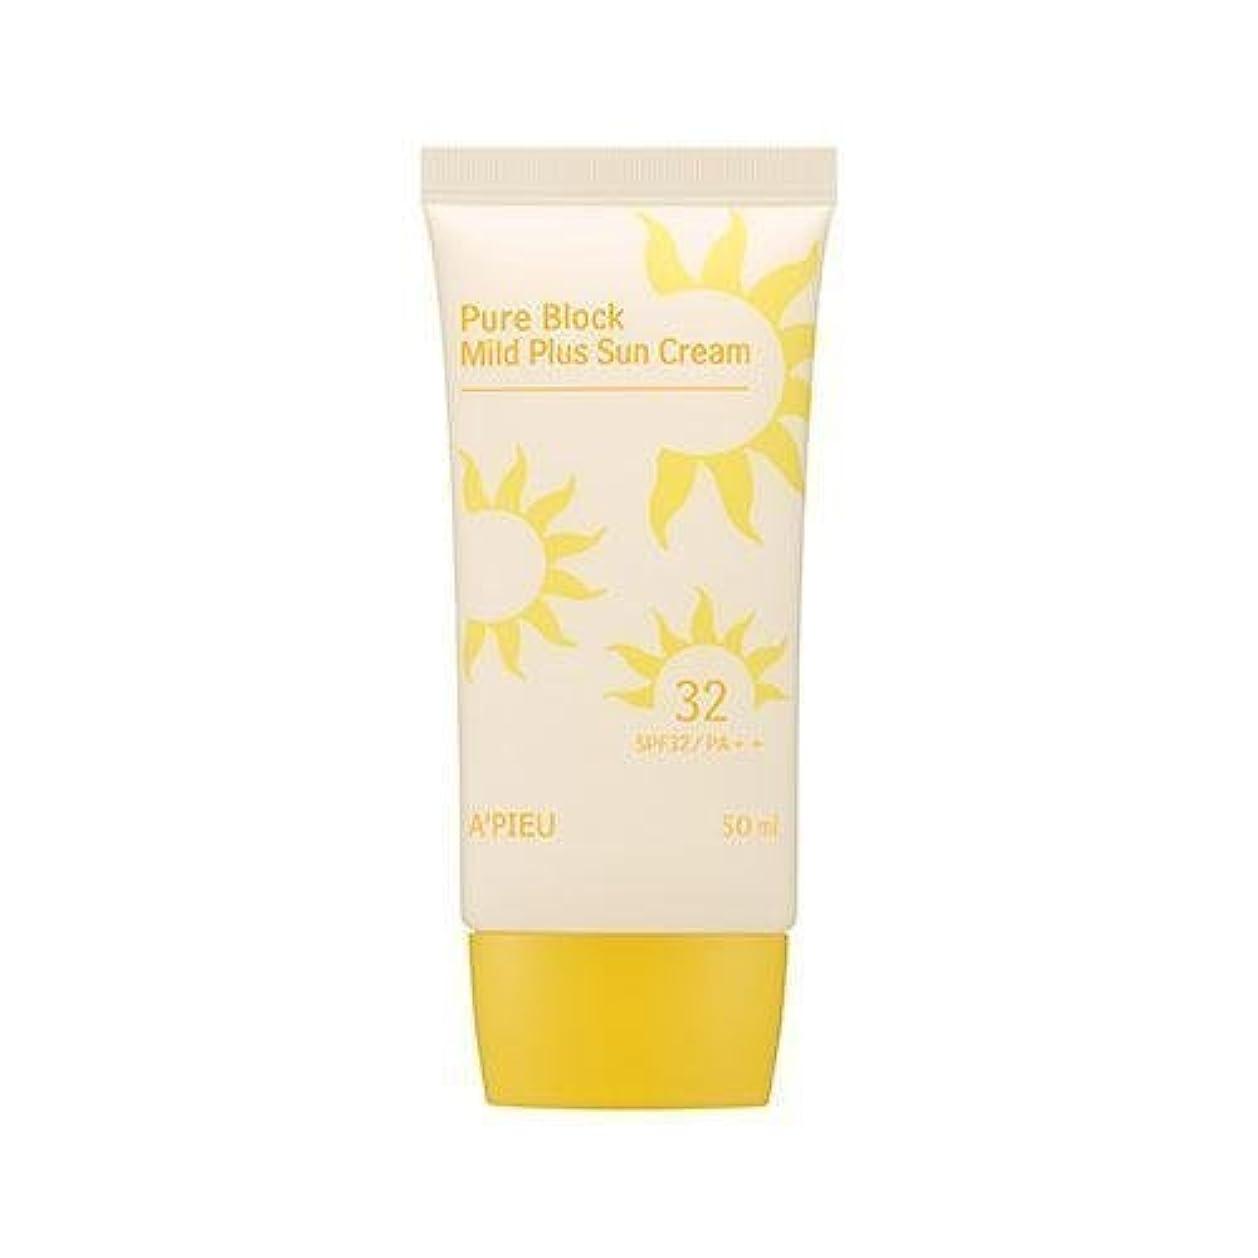 コットン松トランクAPIEU Pure Block Mild Plus Sun Cream (SPF32/PA++)/ Made in Korea